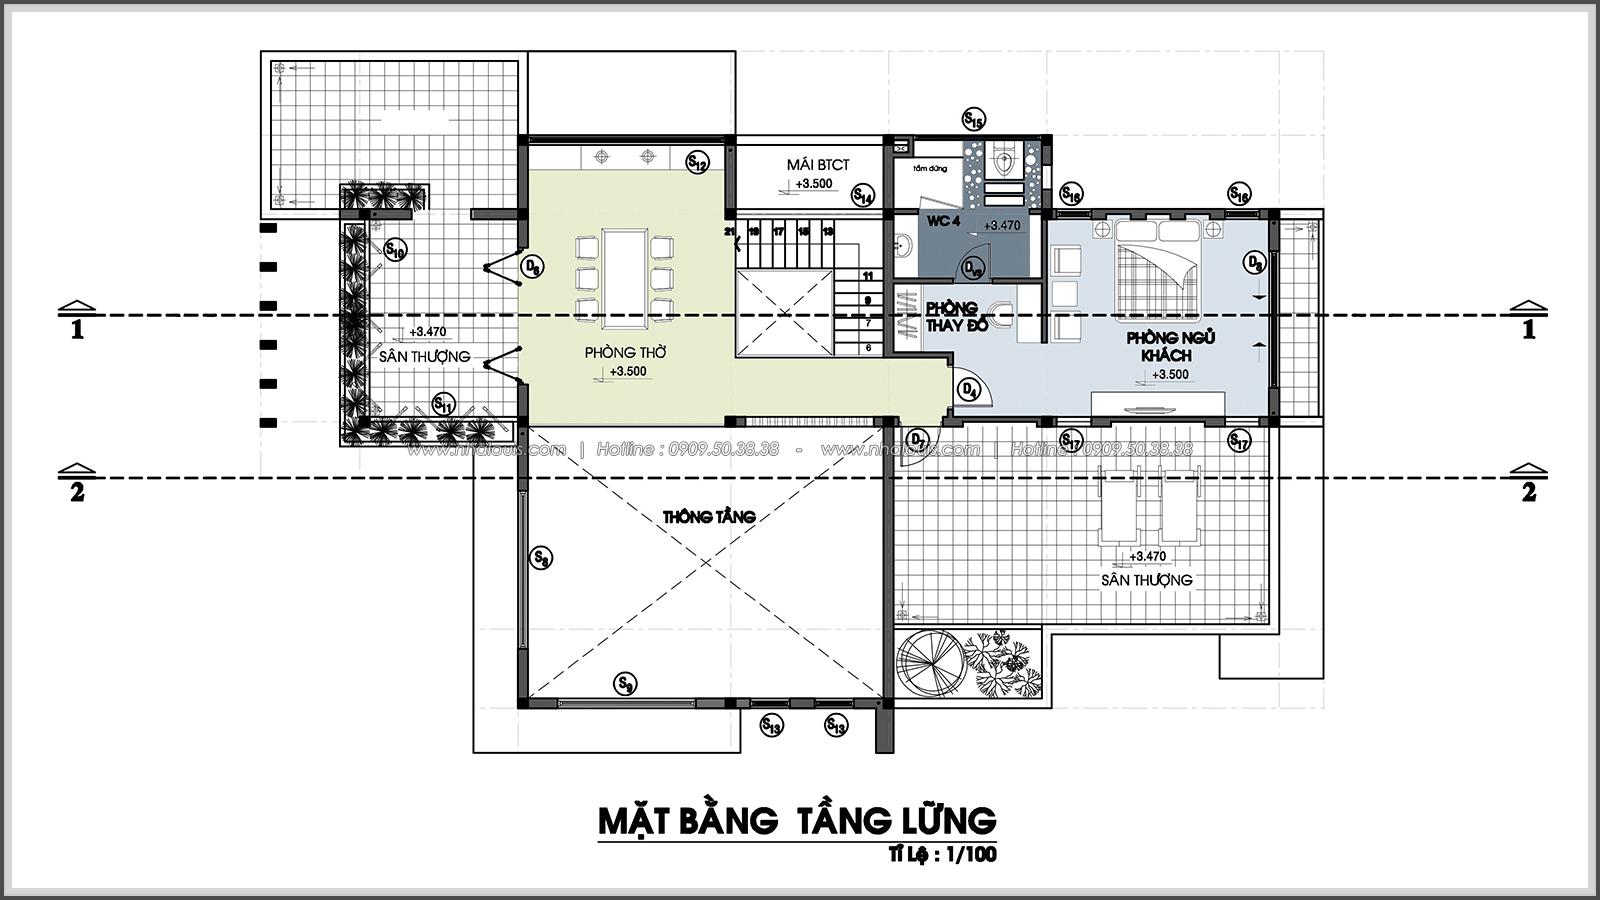 Thiết kế biệt thự nhà vườn 2 tầng phong cách Châu Âu tại Kiên Giang - 3